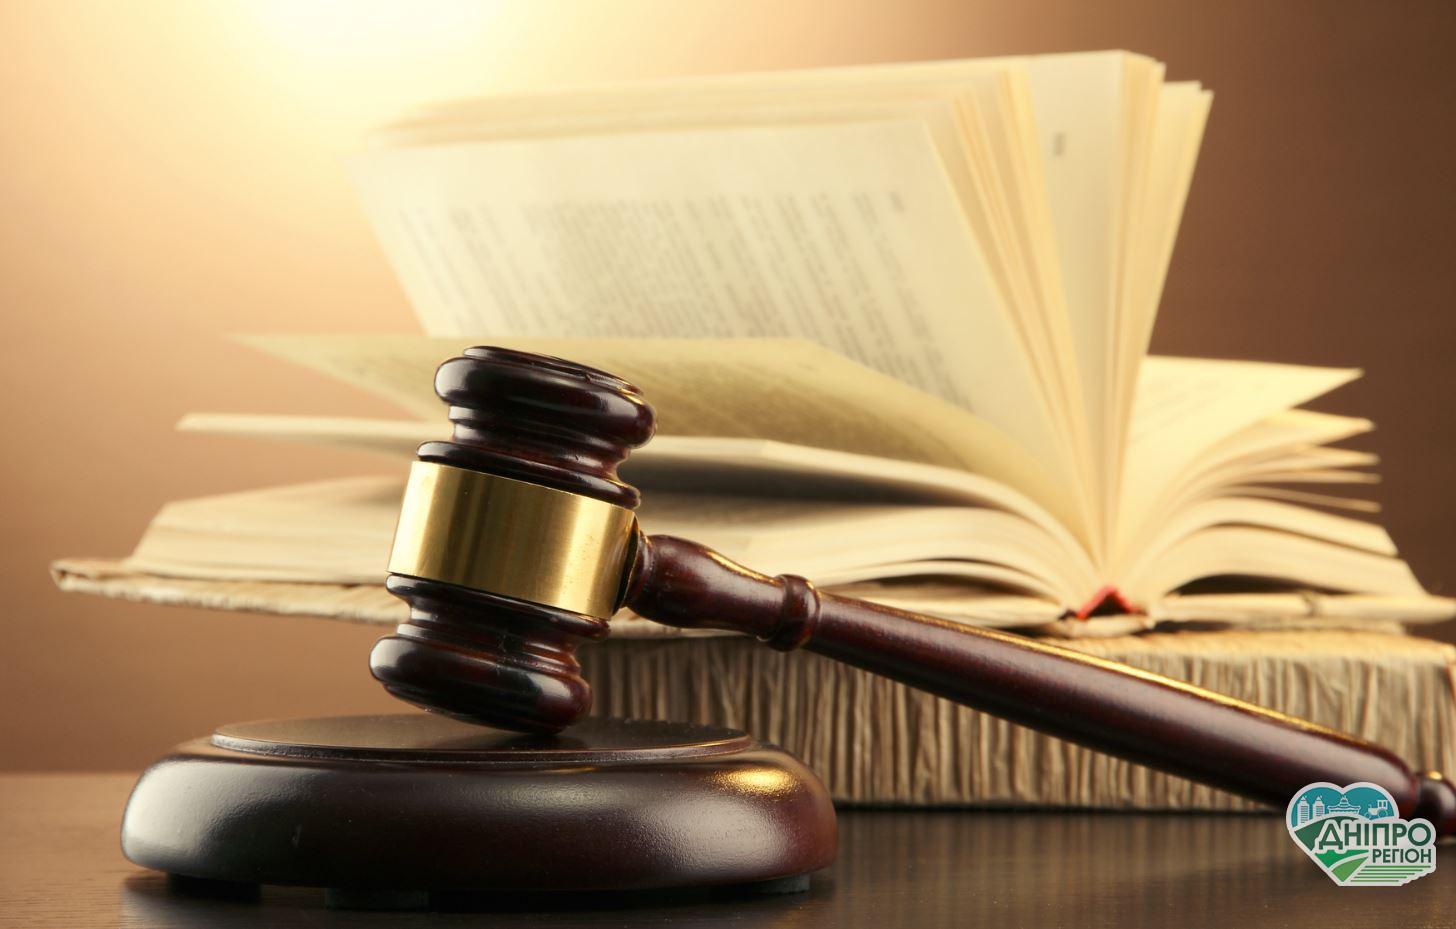 На Дніпропетровщини судитимуть матір за відмову надання допомоги синові